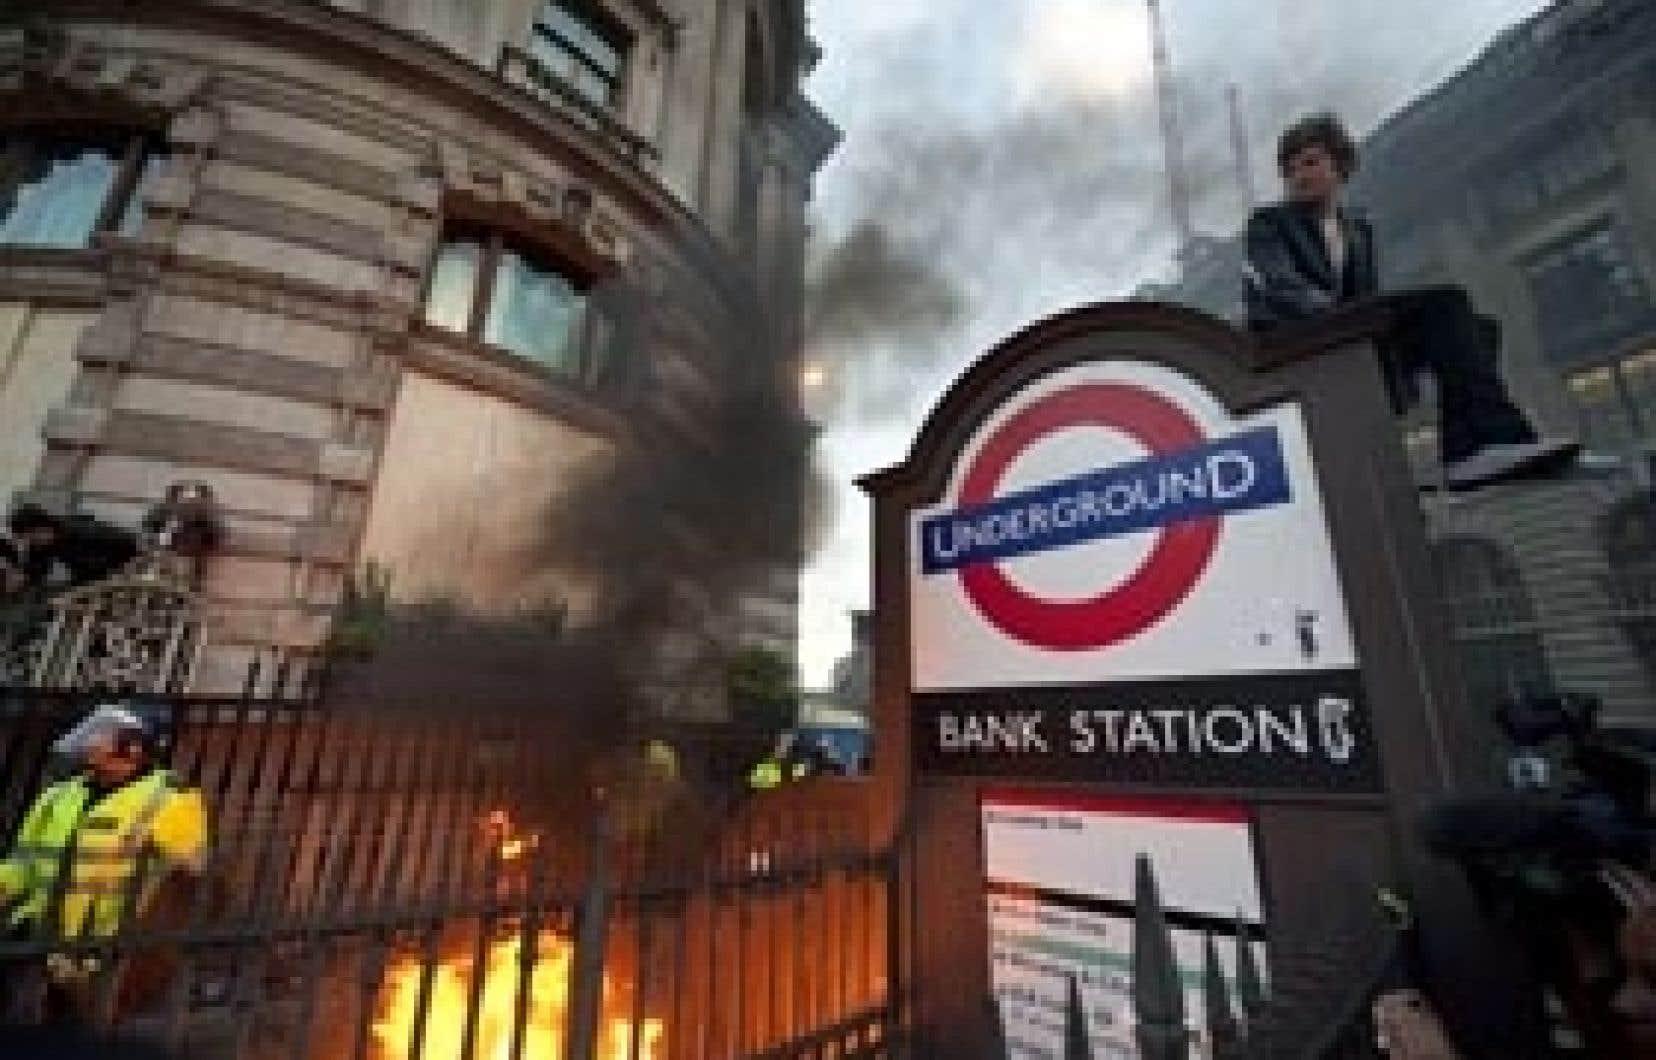 Plusieurs milliers de manifestants ont convergé vers le quartier des banques de Londres hier. La manifestation, en grande partie pacifique, a toutefois connu quelques débordements en fin de journée.